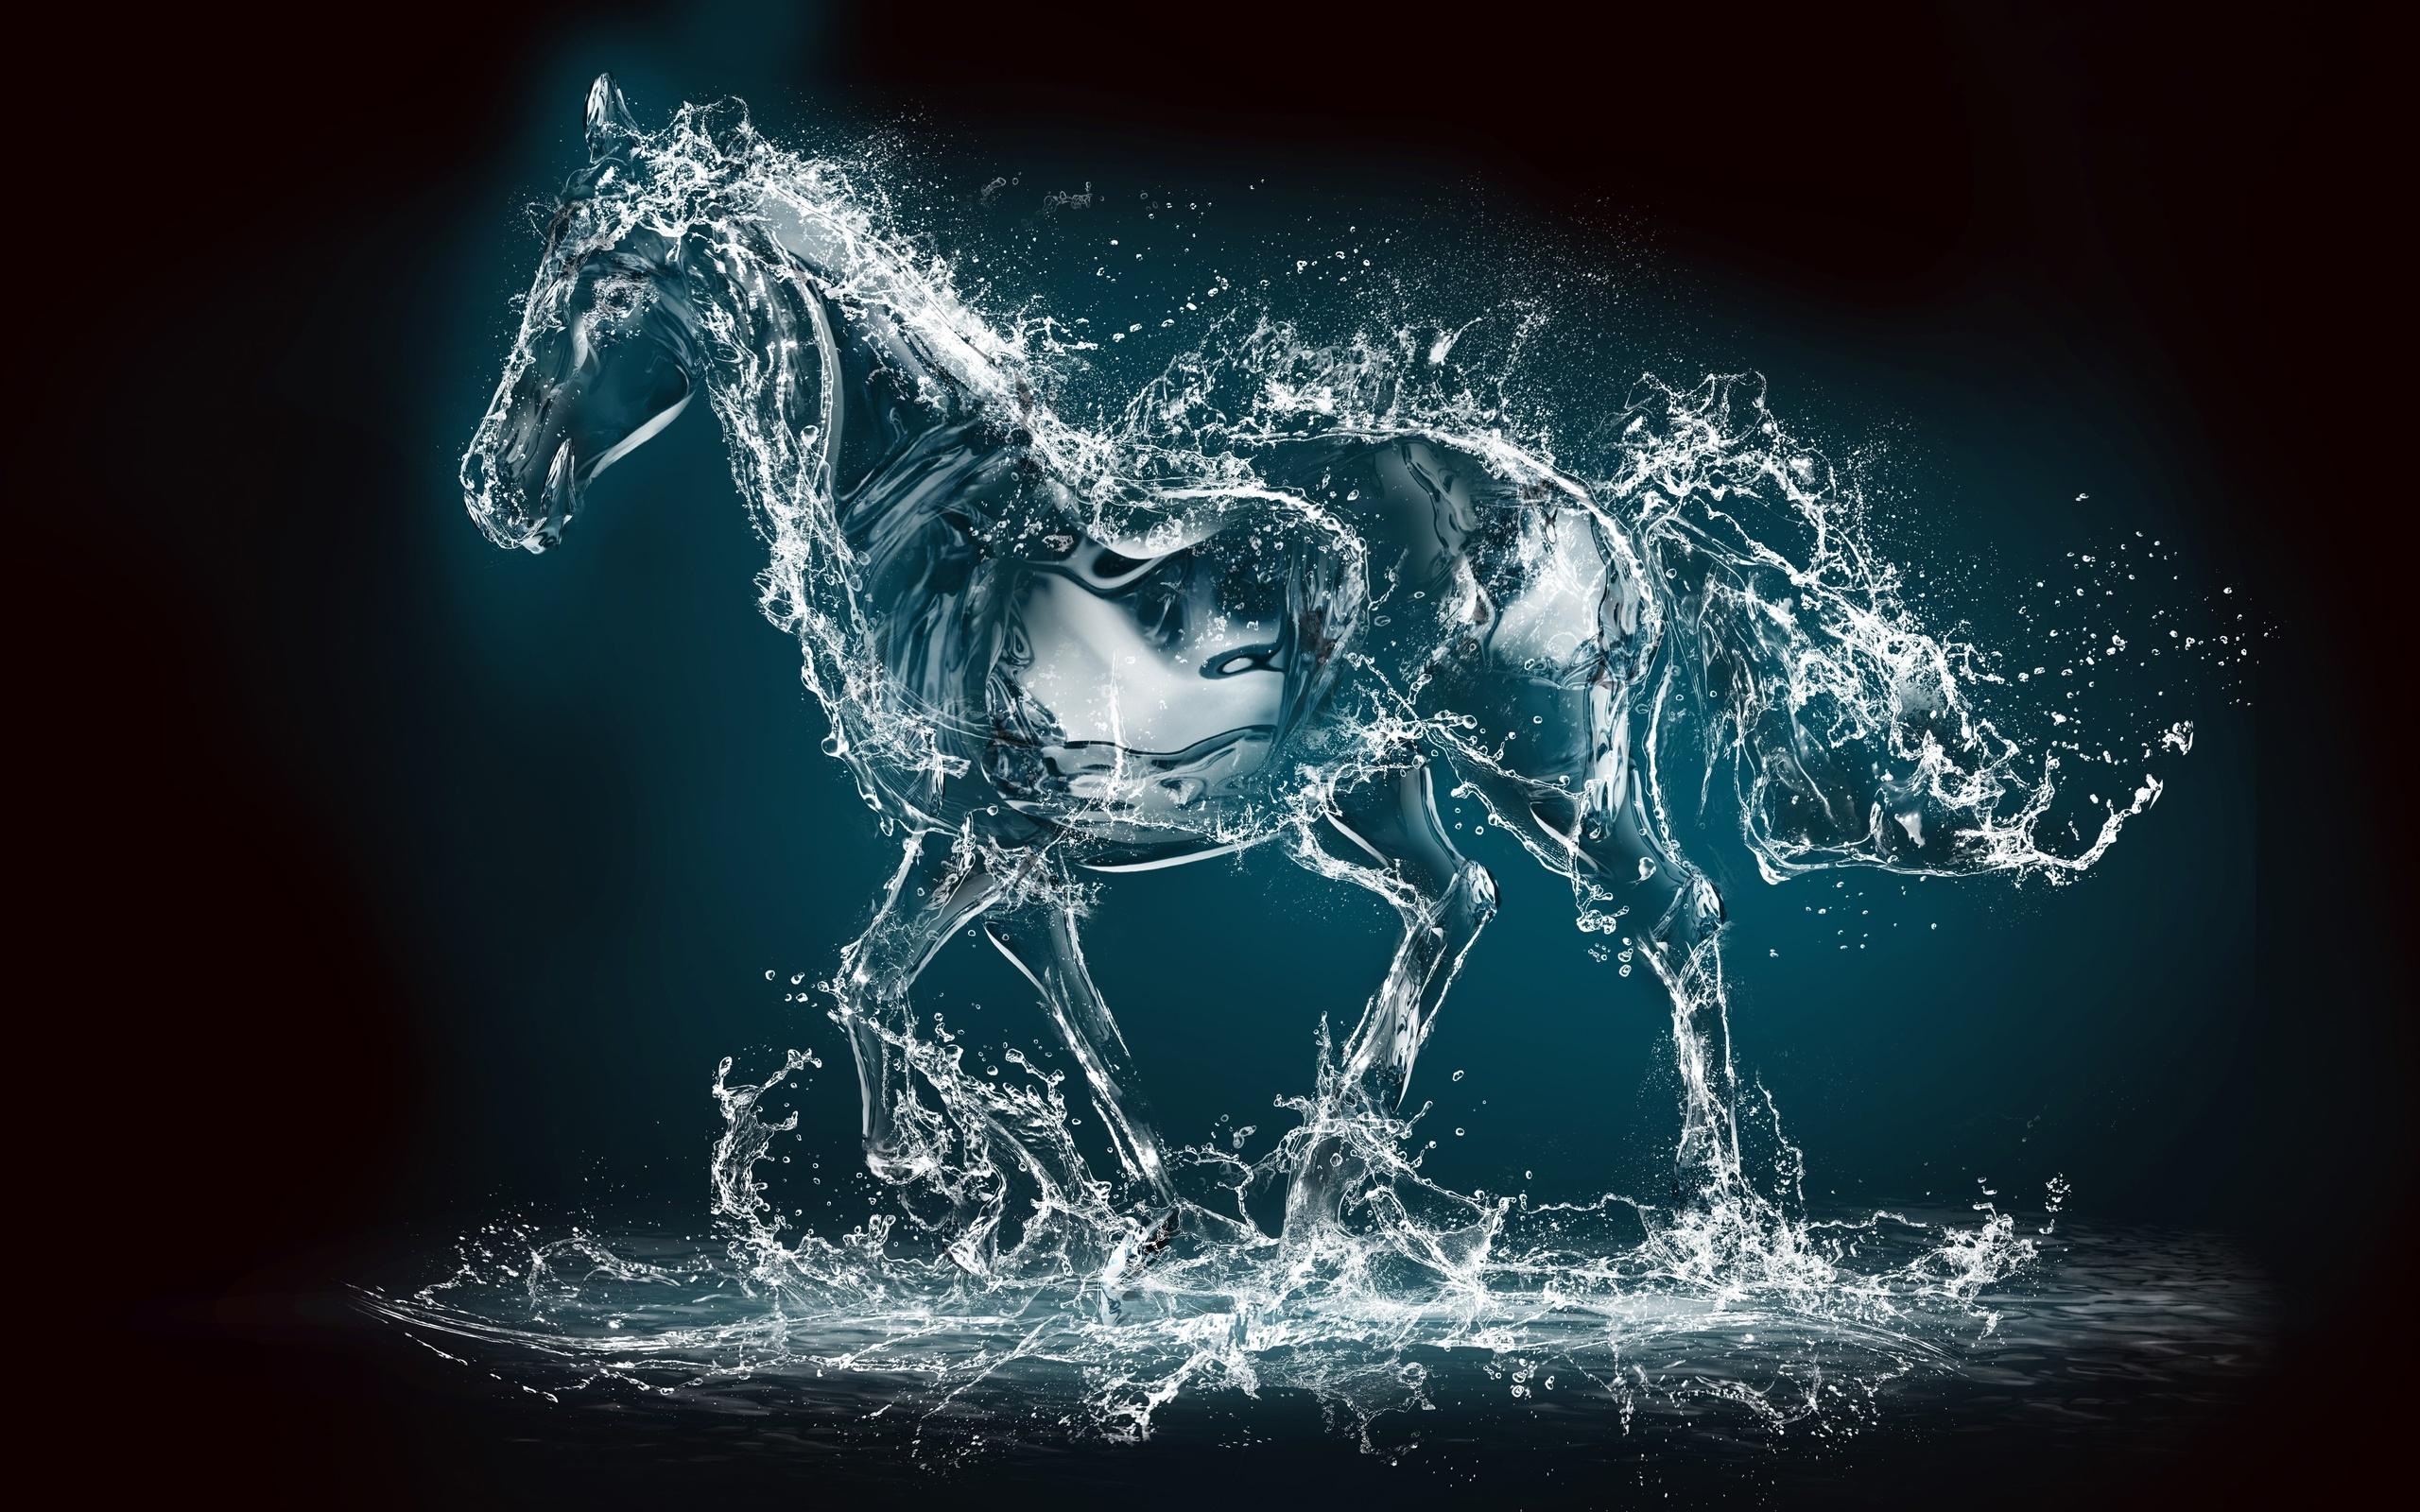 3d Horse Wallpaper 2560x1600 Download Hd Wallpaper Wallpapertip